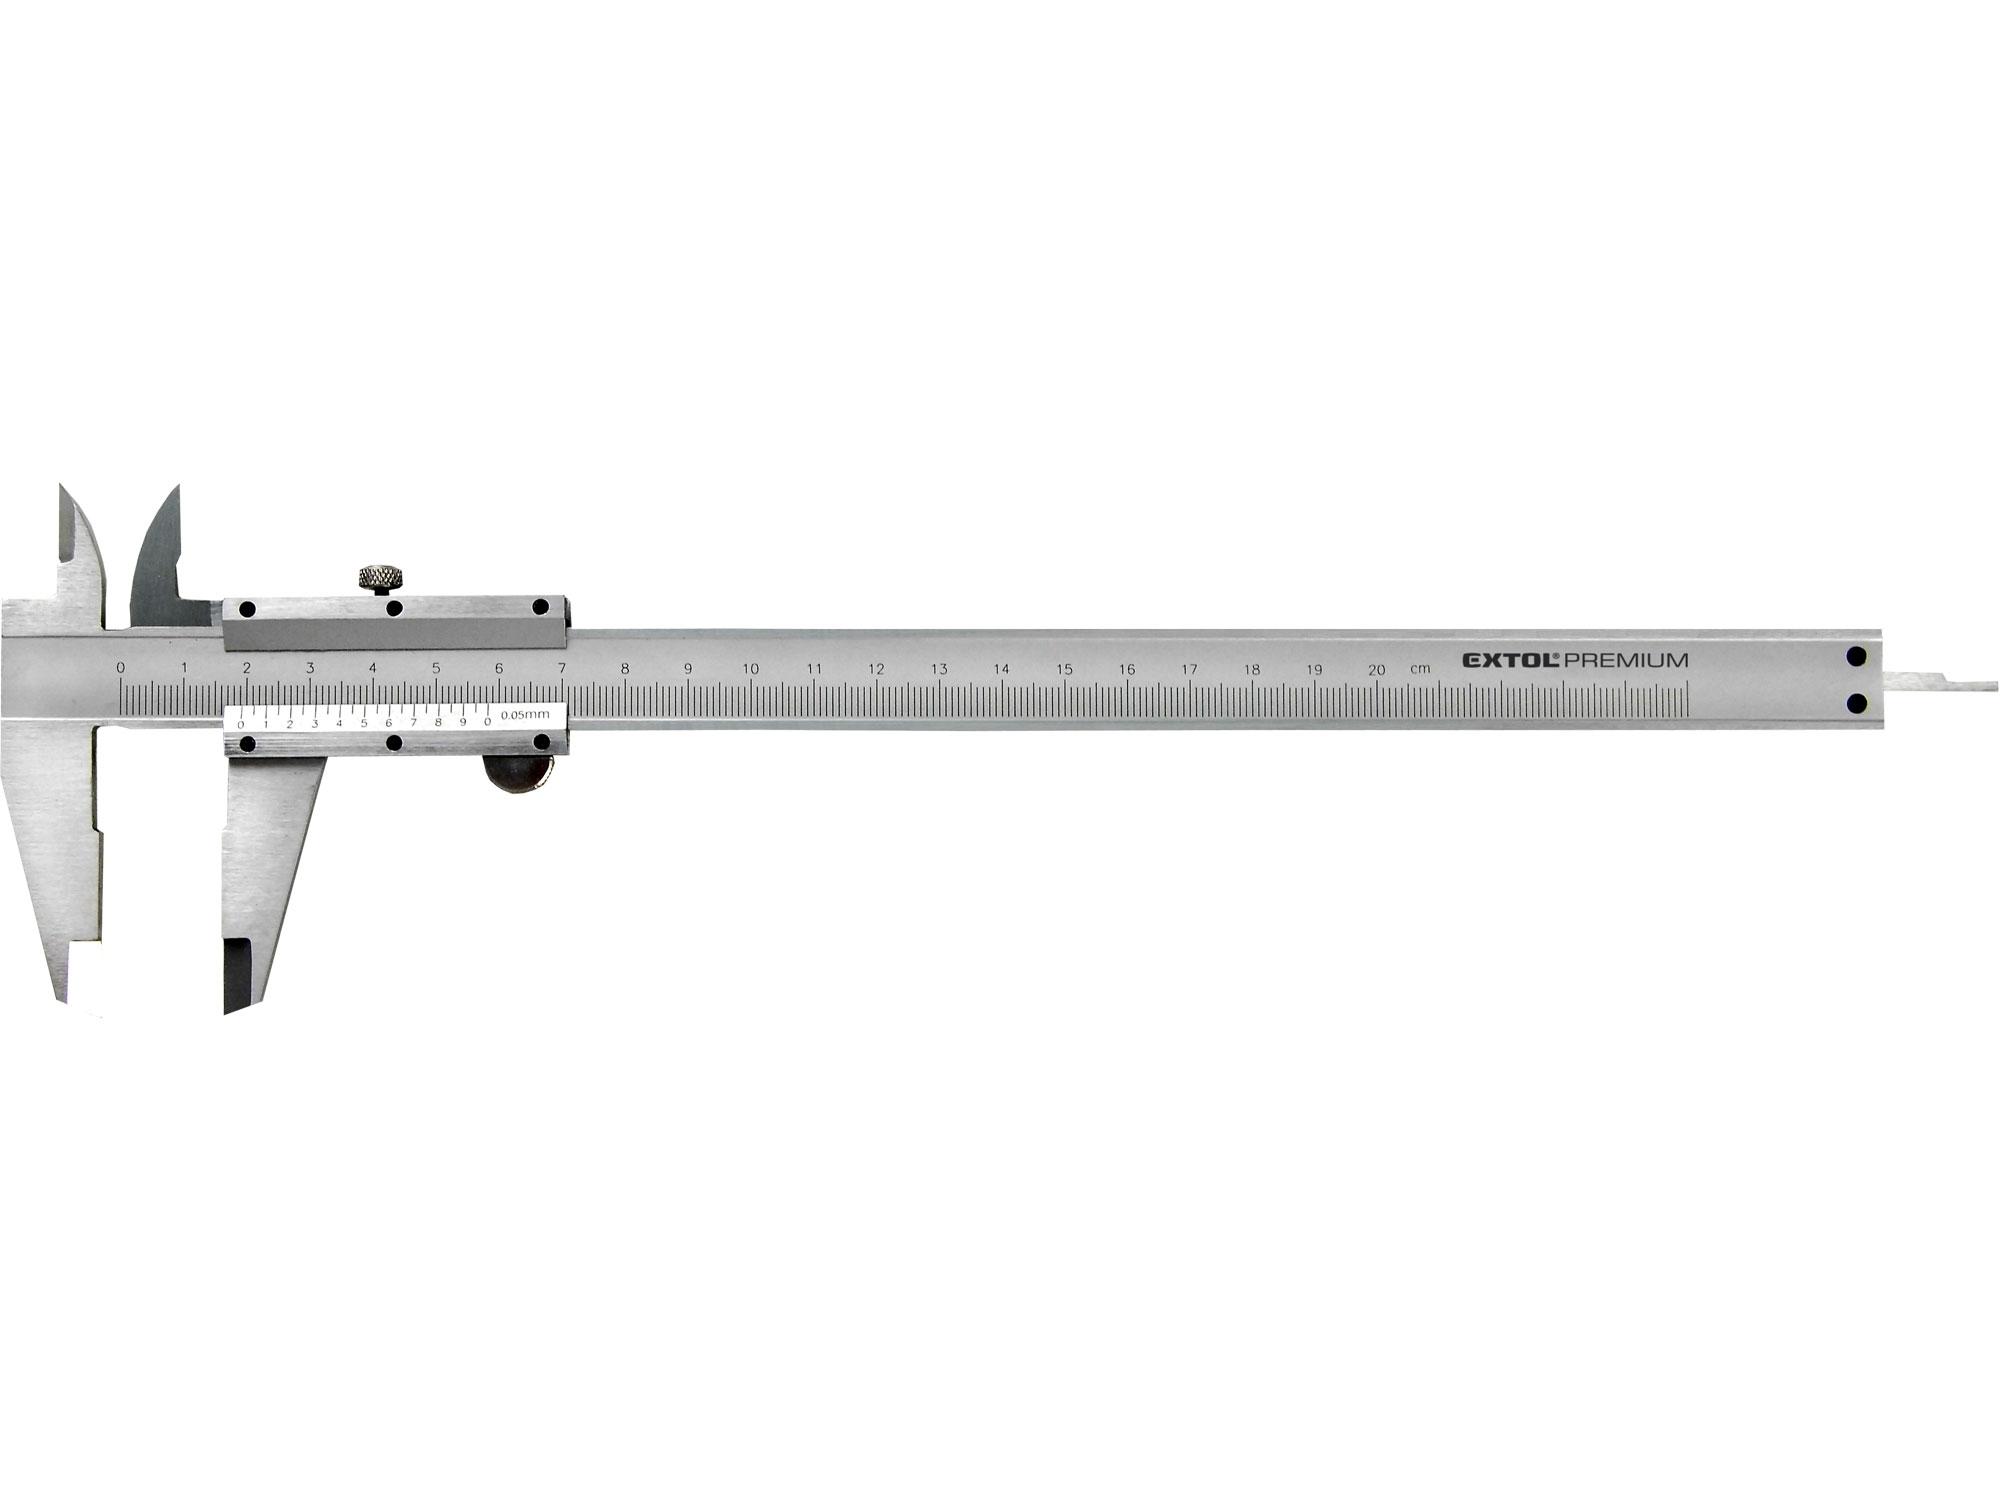 měřítko posuvné kovové, 0-200mm, EXTOL PREMIUM 3422